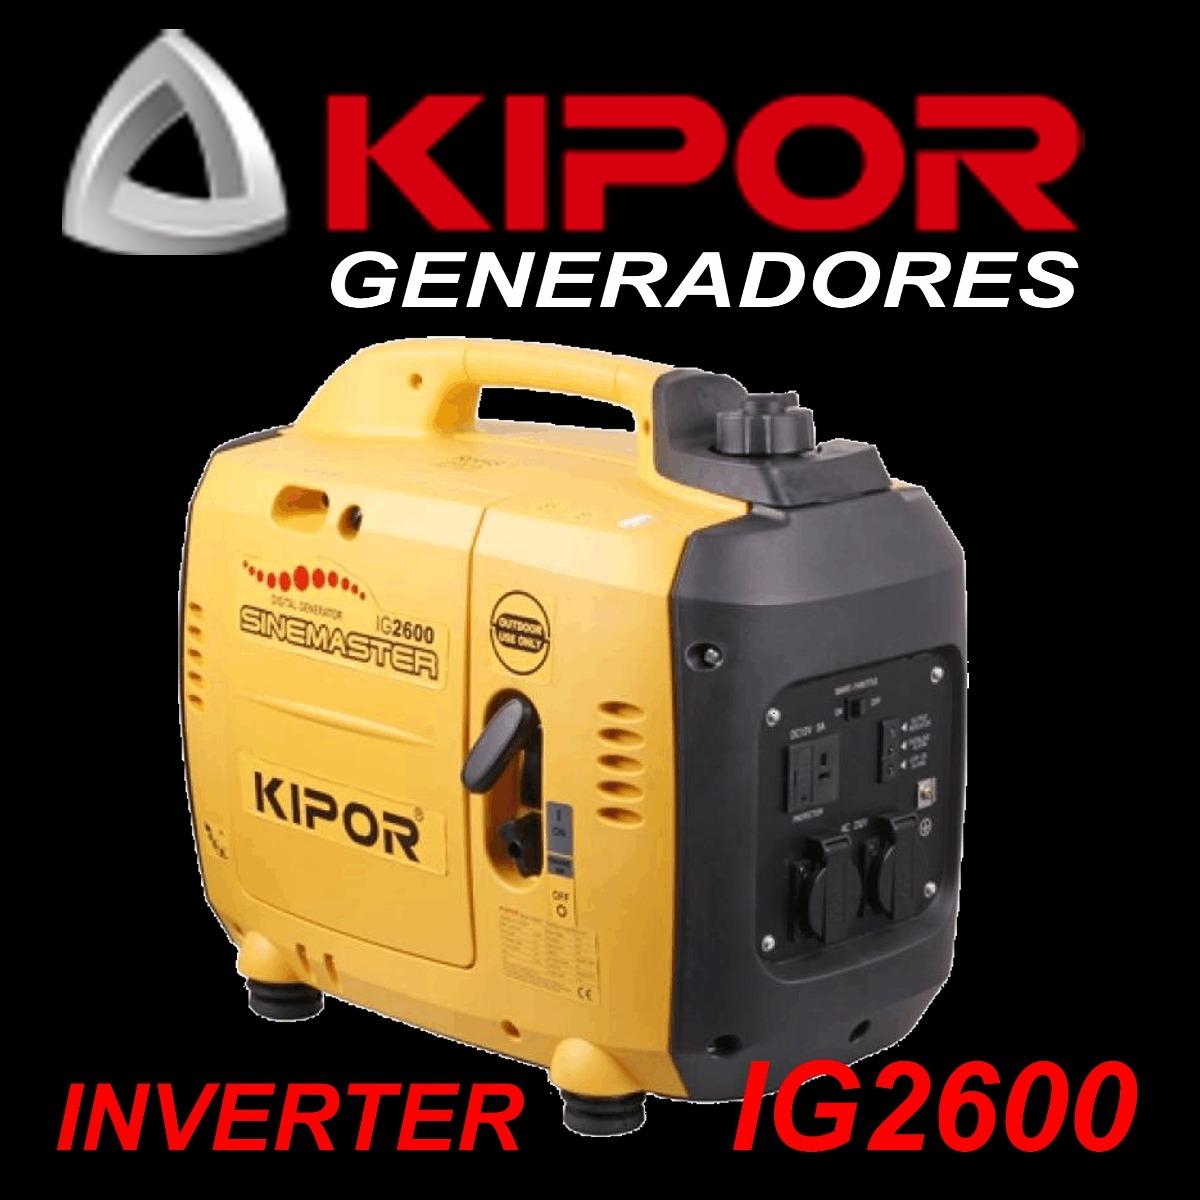 Grupo Generador Kipor Ig2600 Original Inverter T/ Honda Eu30